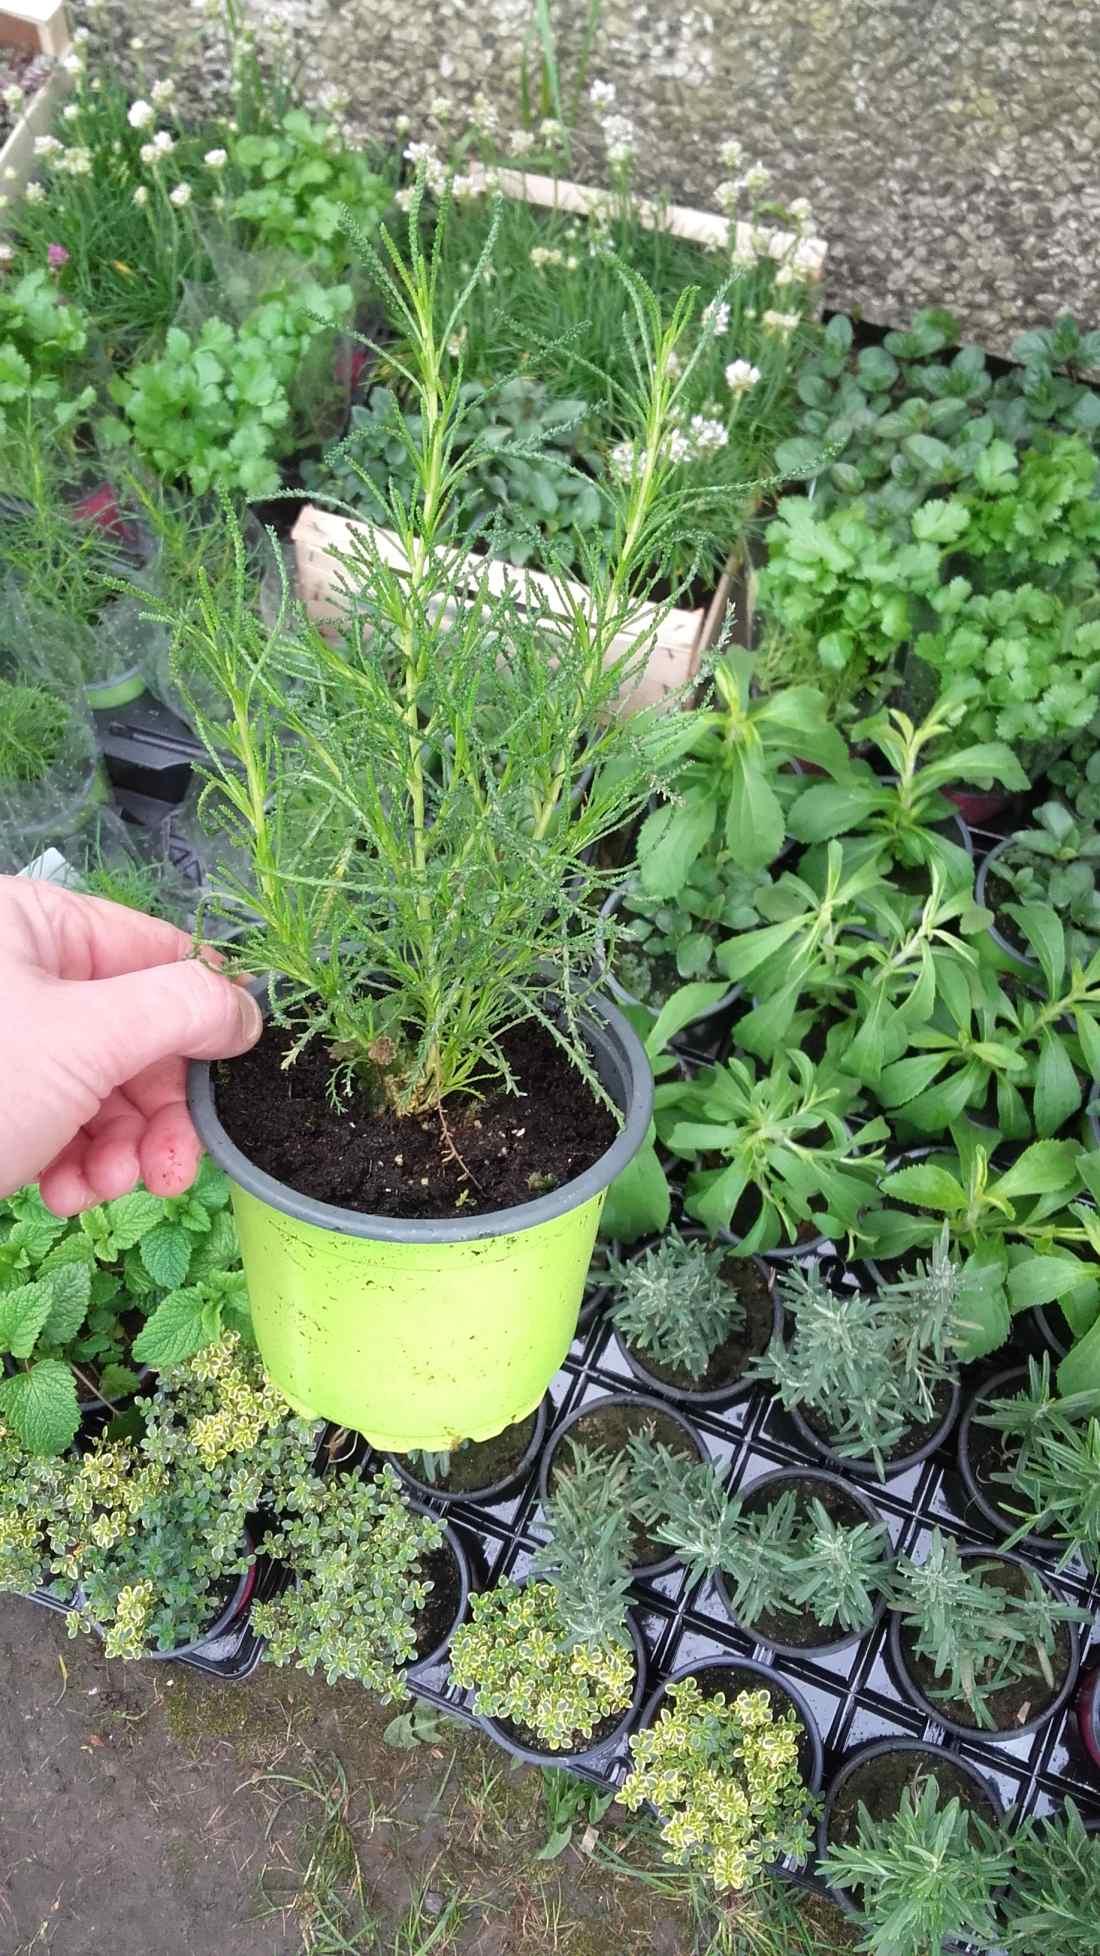 ziele oliwne - wieloletnia roślina zielna o właściwościach zdrowotnych